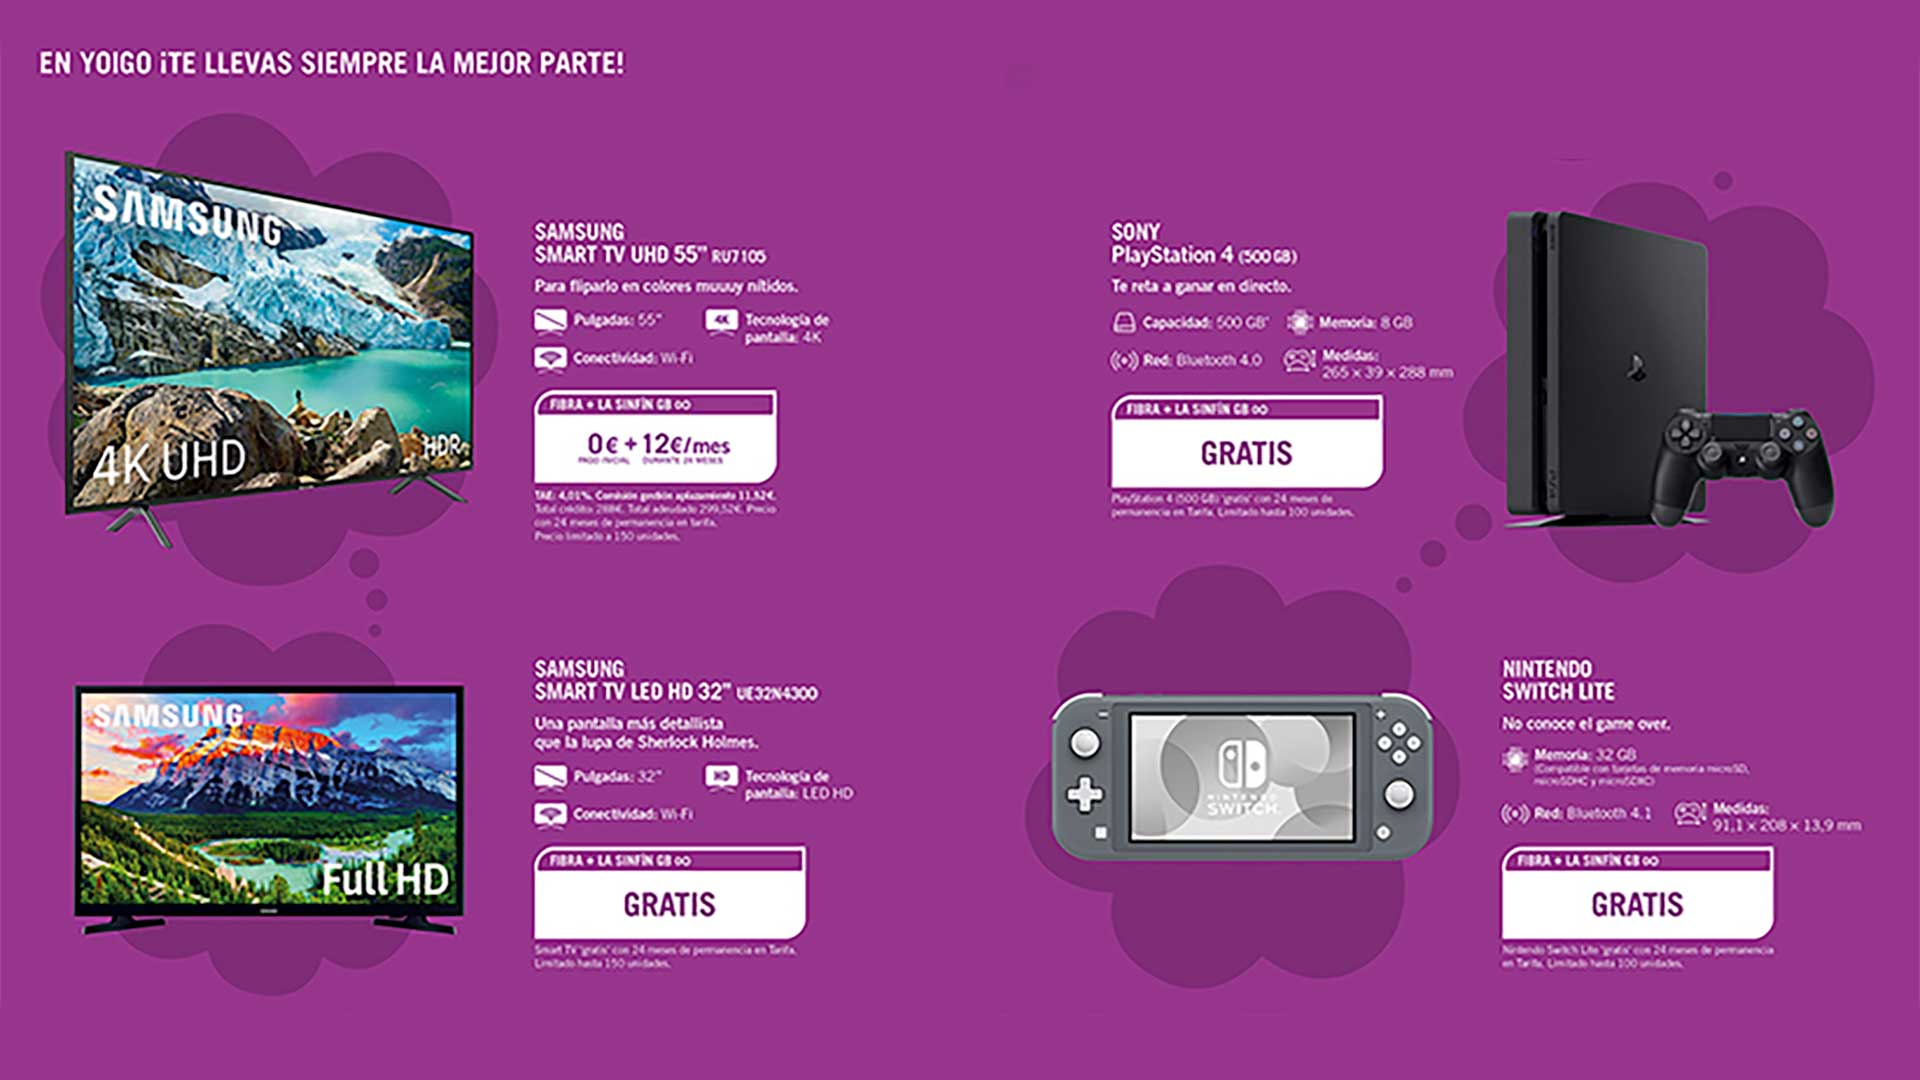 Yoigo consolas y smart TV gratis con portabilidad, junio 2020